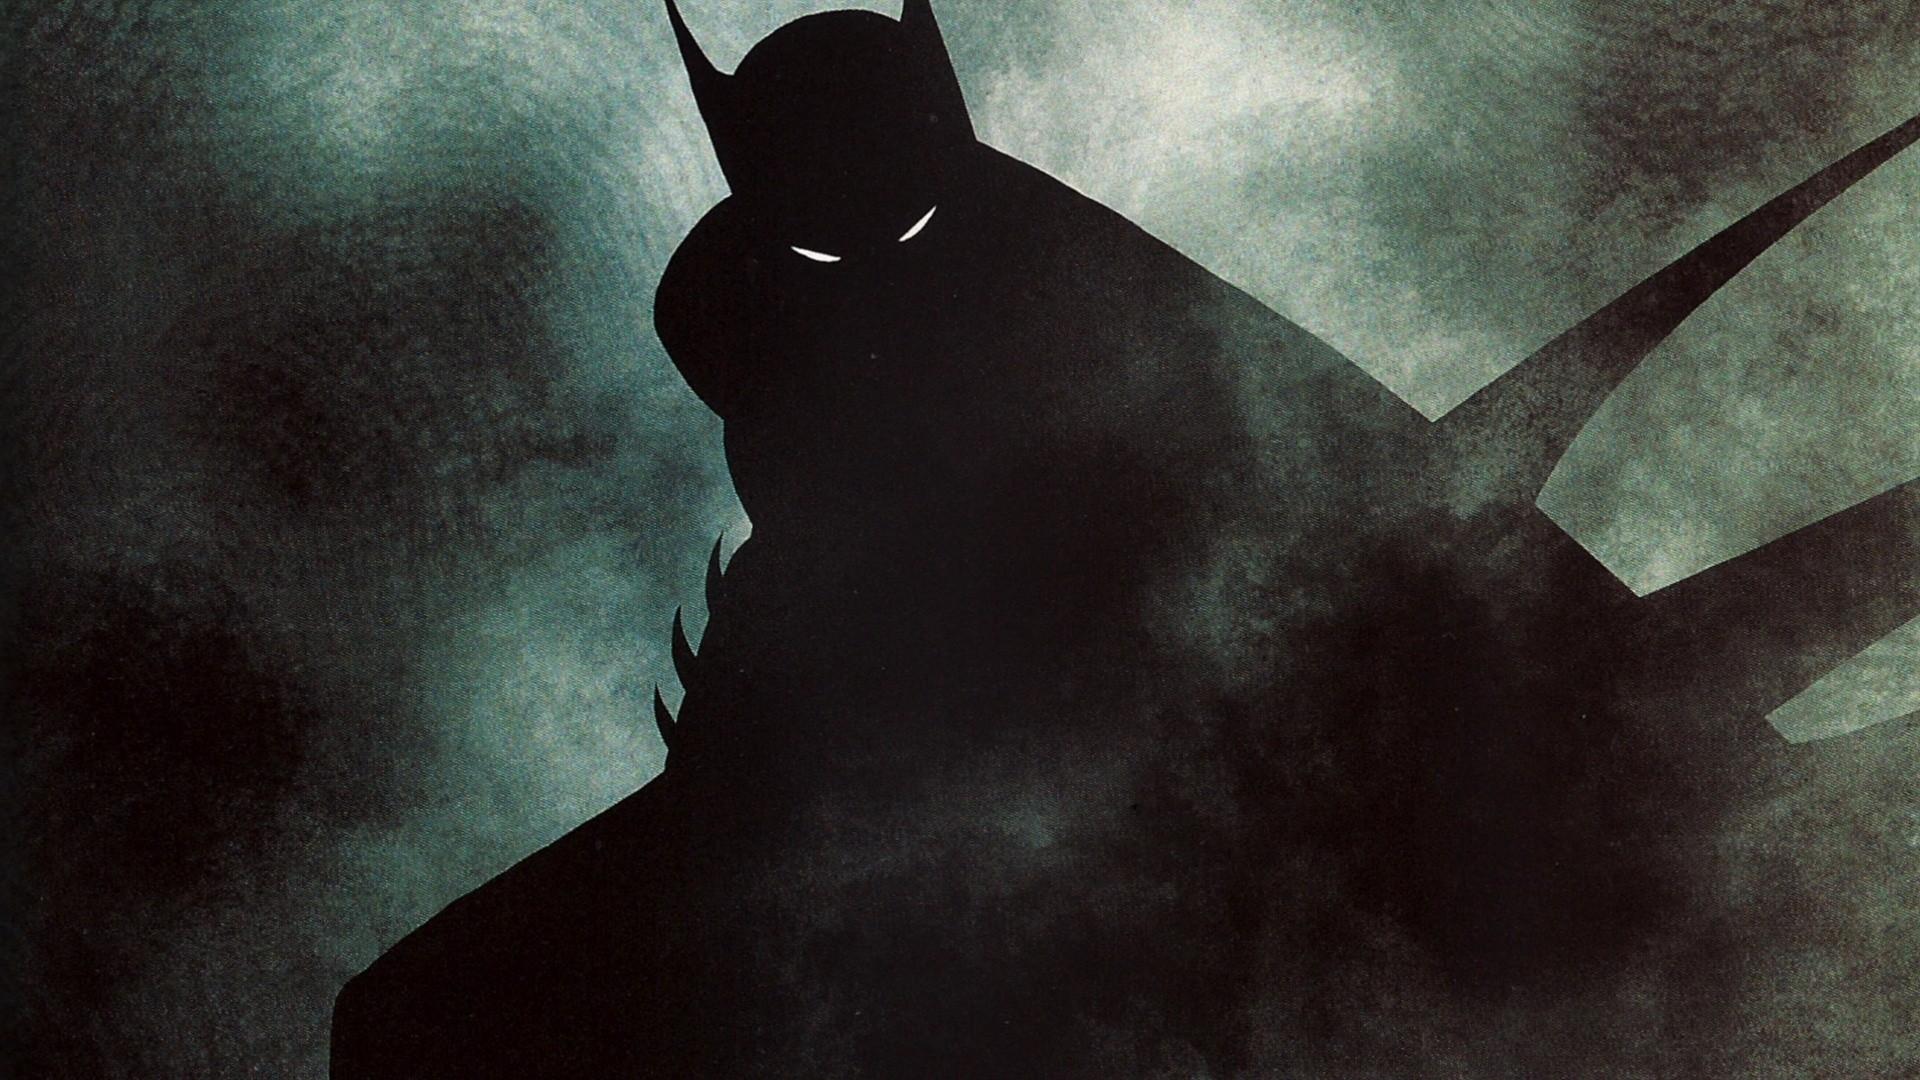 Batman Art computer wallpaper